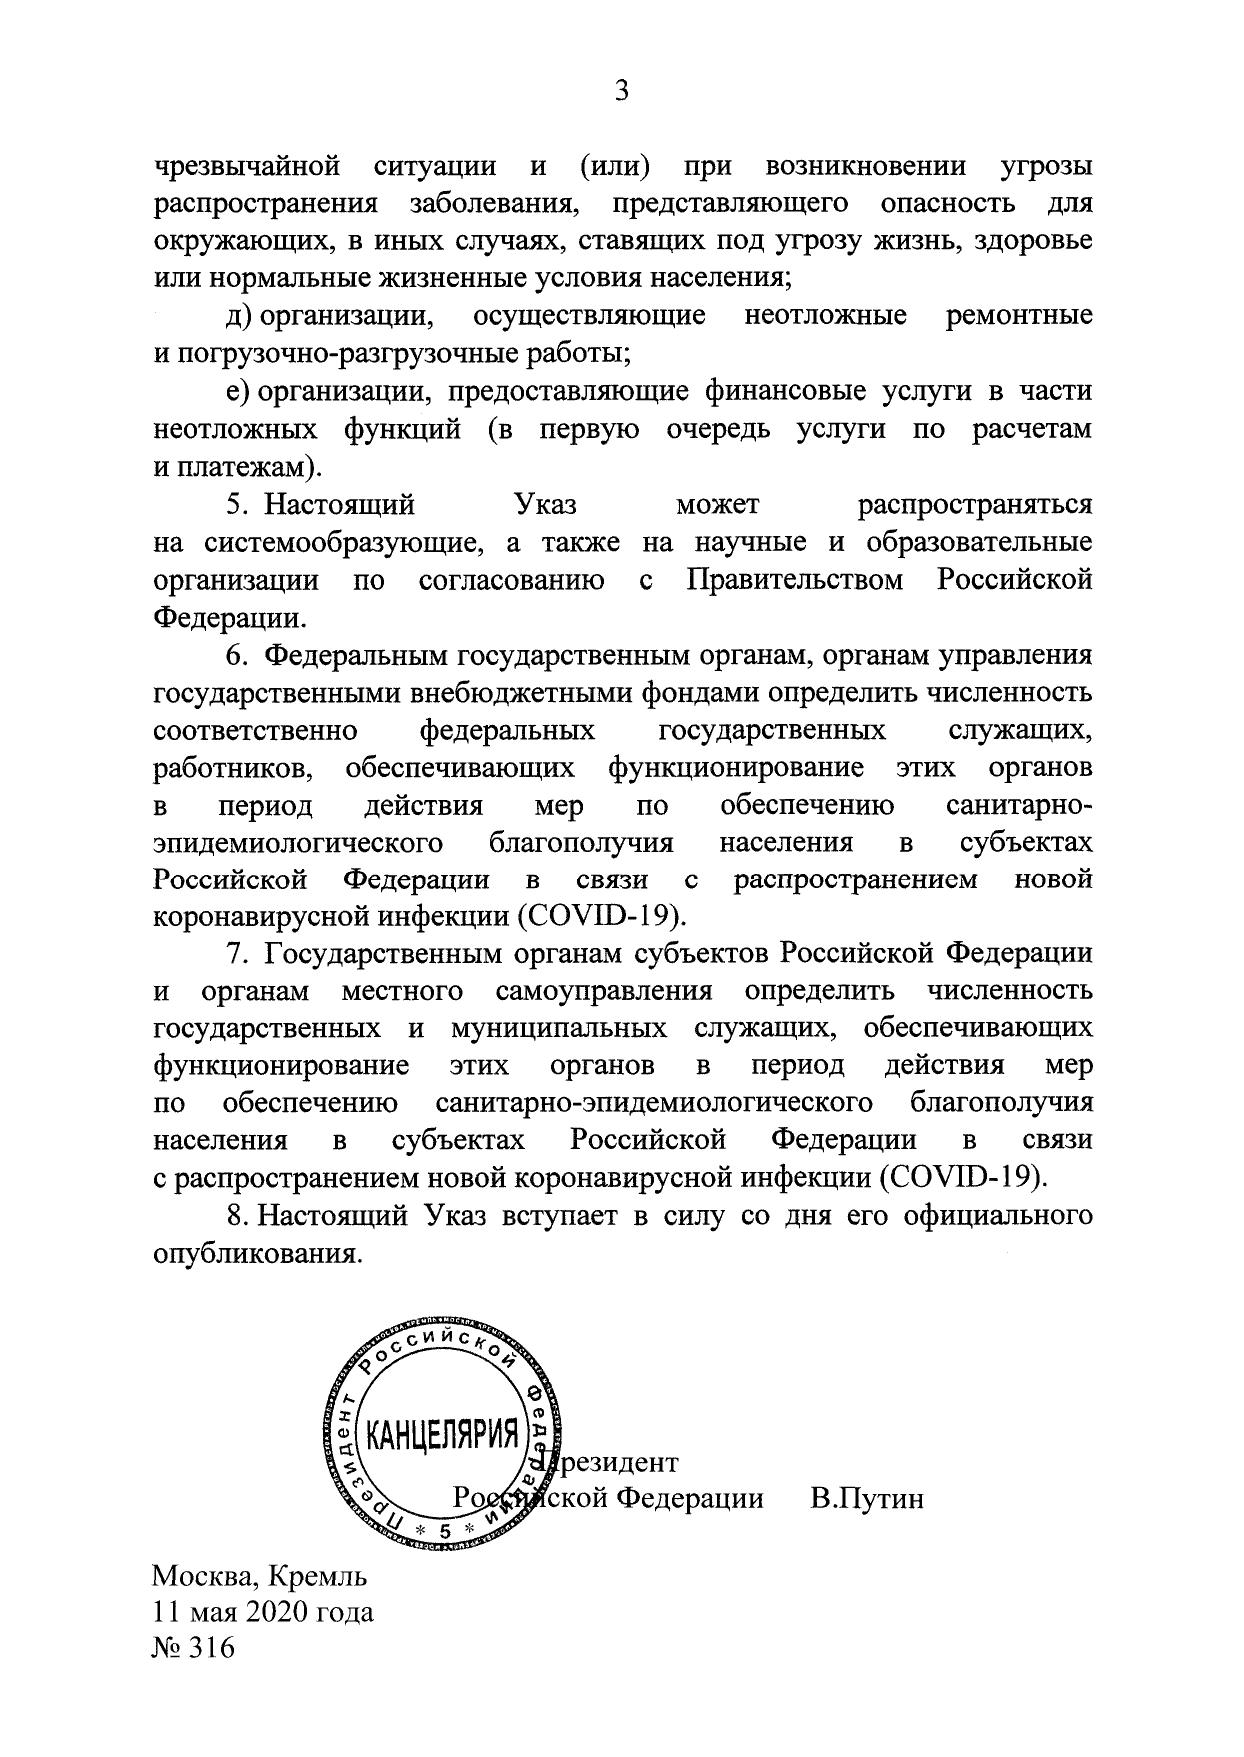 Указ Президента РФ от 11 мая 2020 г. (11.05.2020) N 316 3